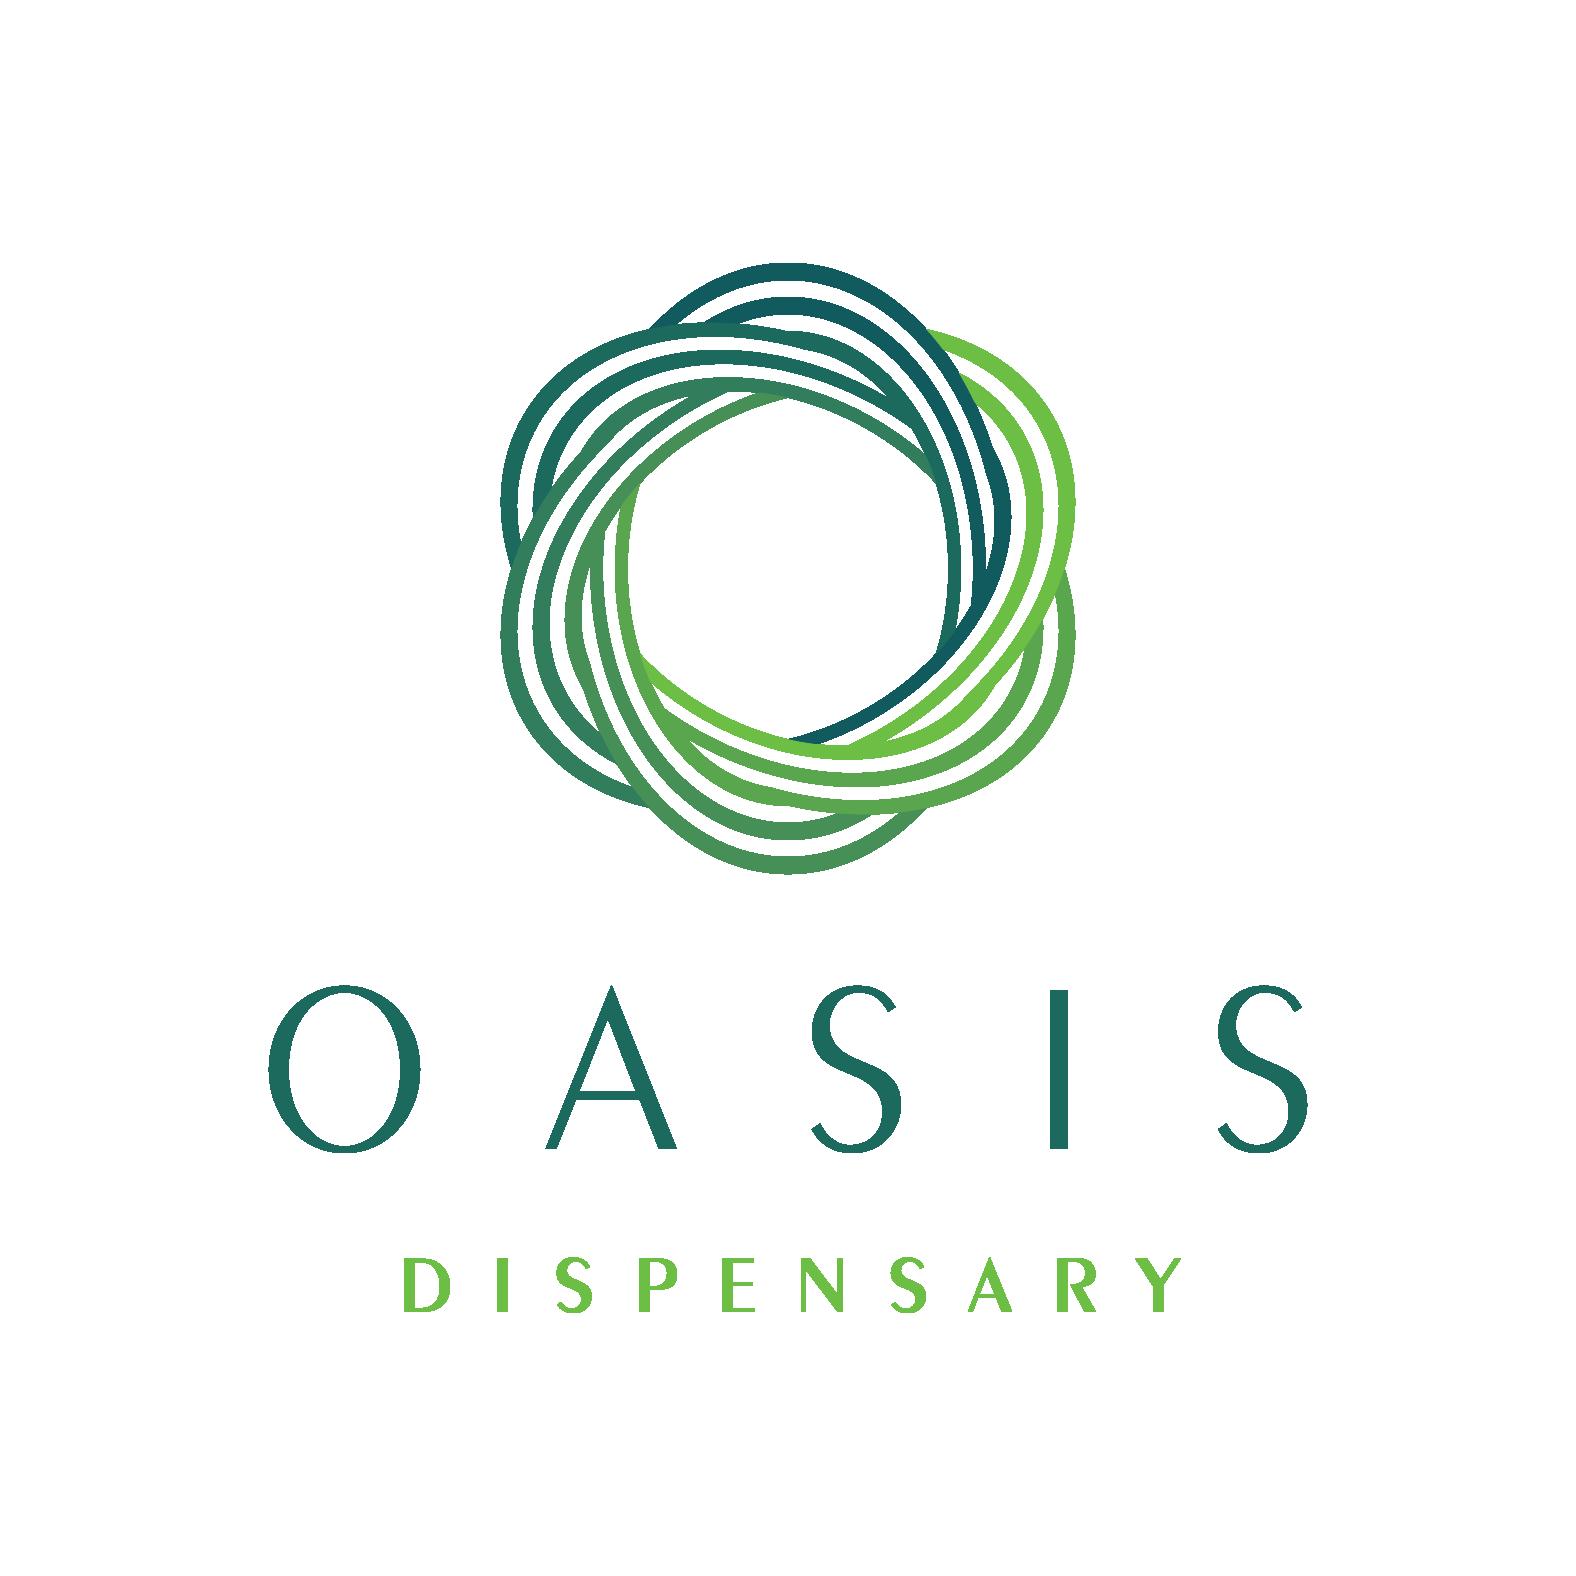 Oasis Dispensary